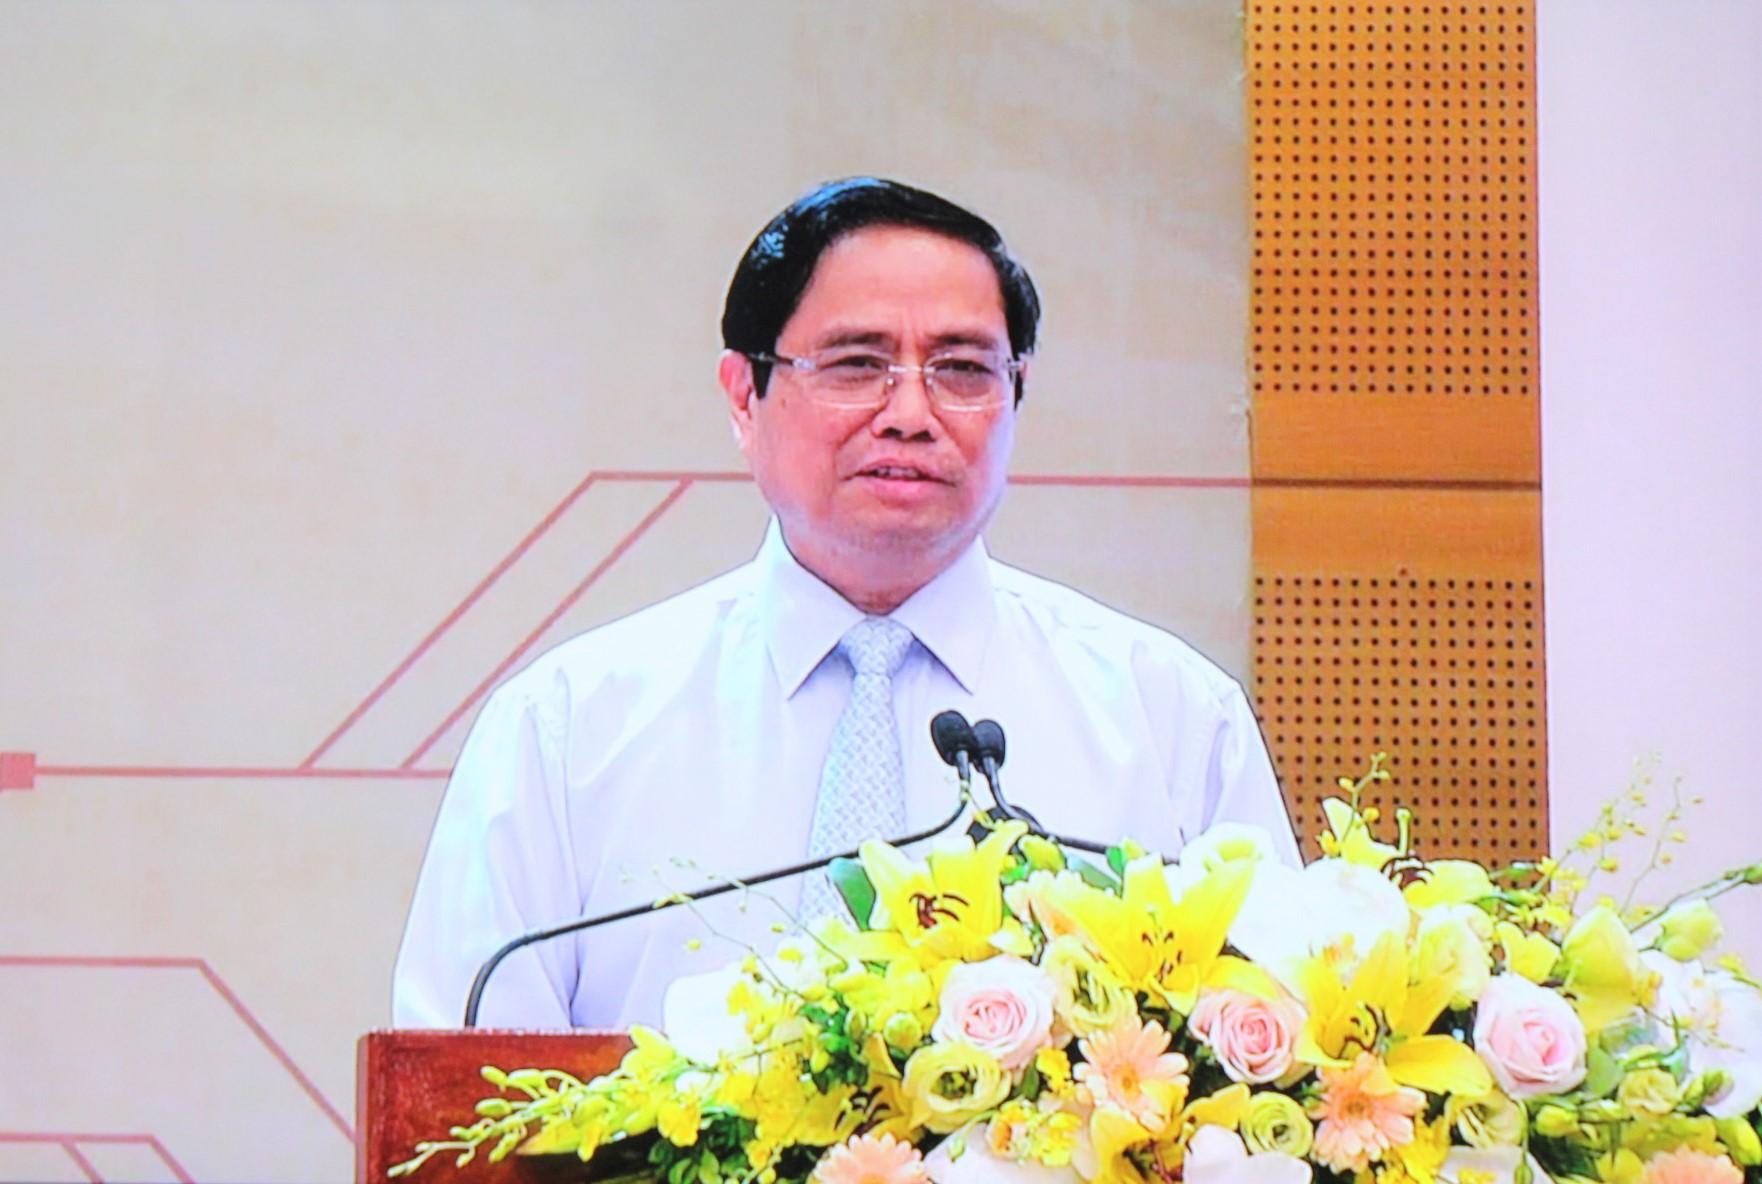 Đội ngũ trí thức khoa học và công nghệ Việt Nam triển khai thực hiện Nghị quyết Đại hội lần thứ XIII của Đảng